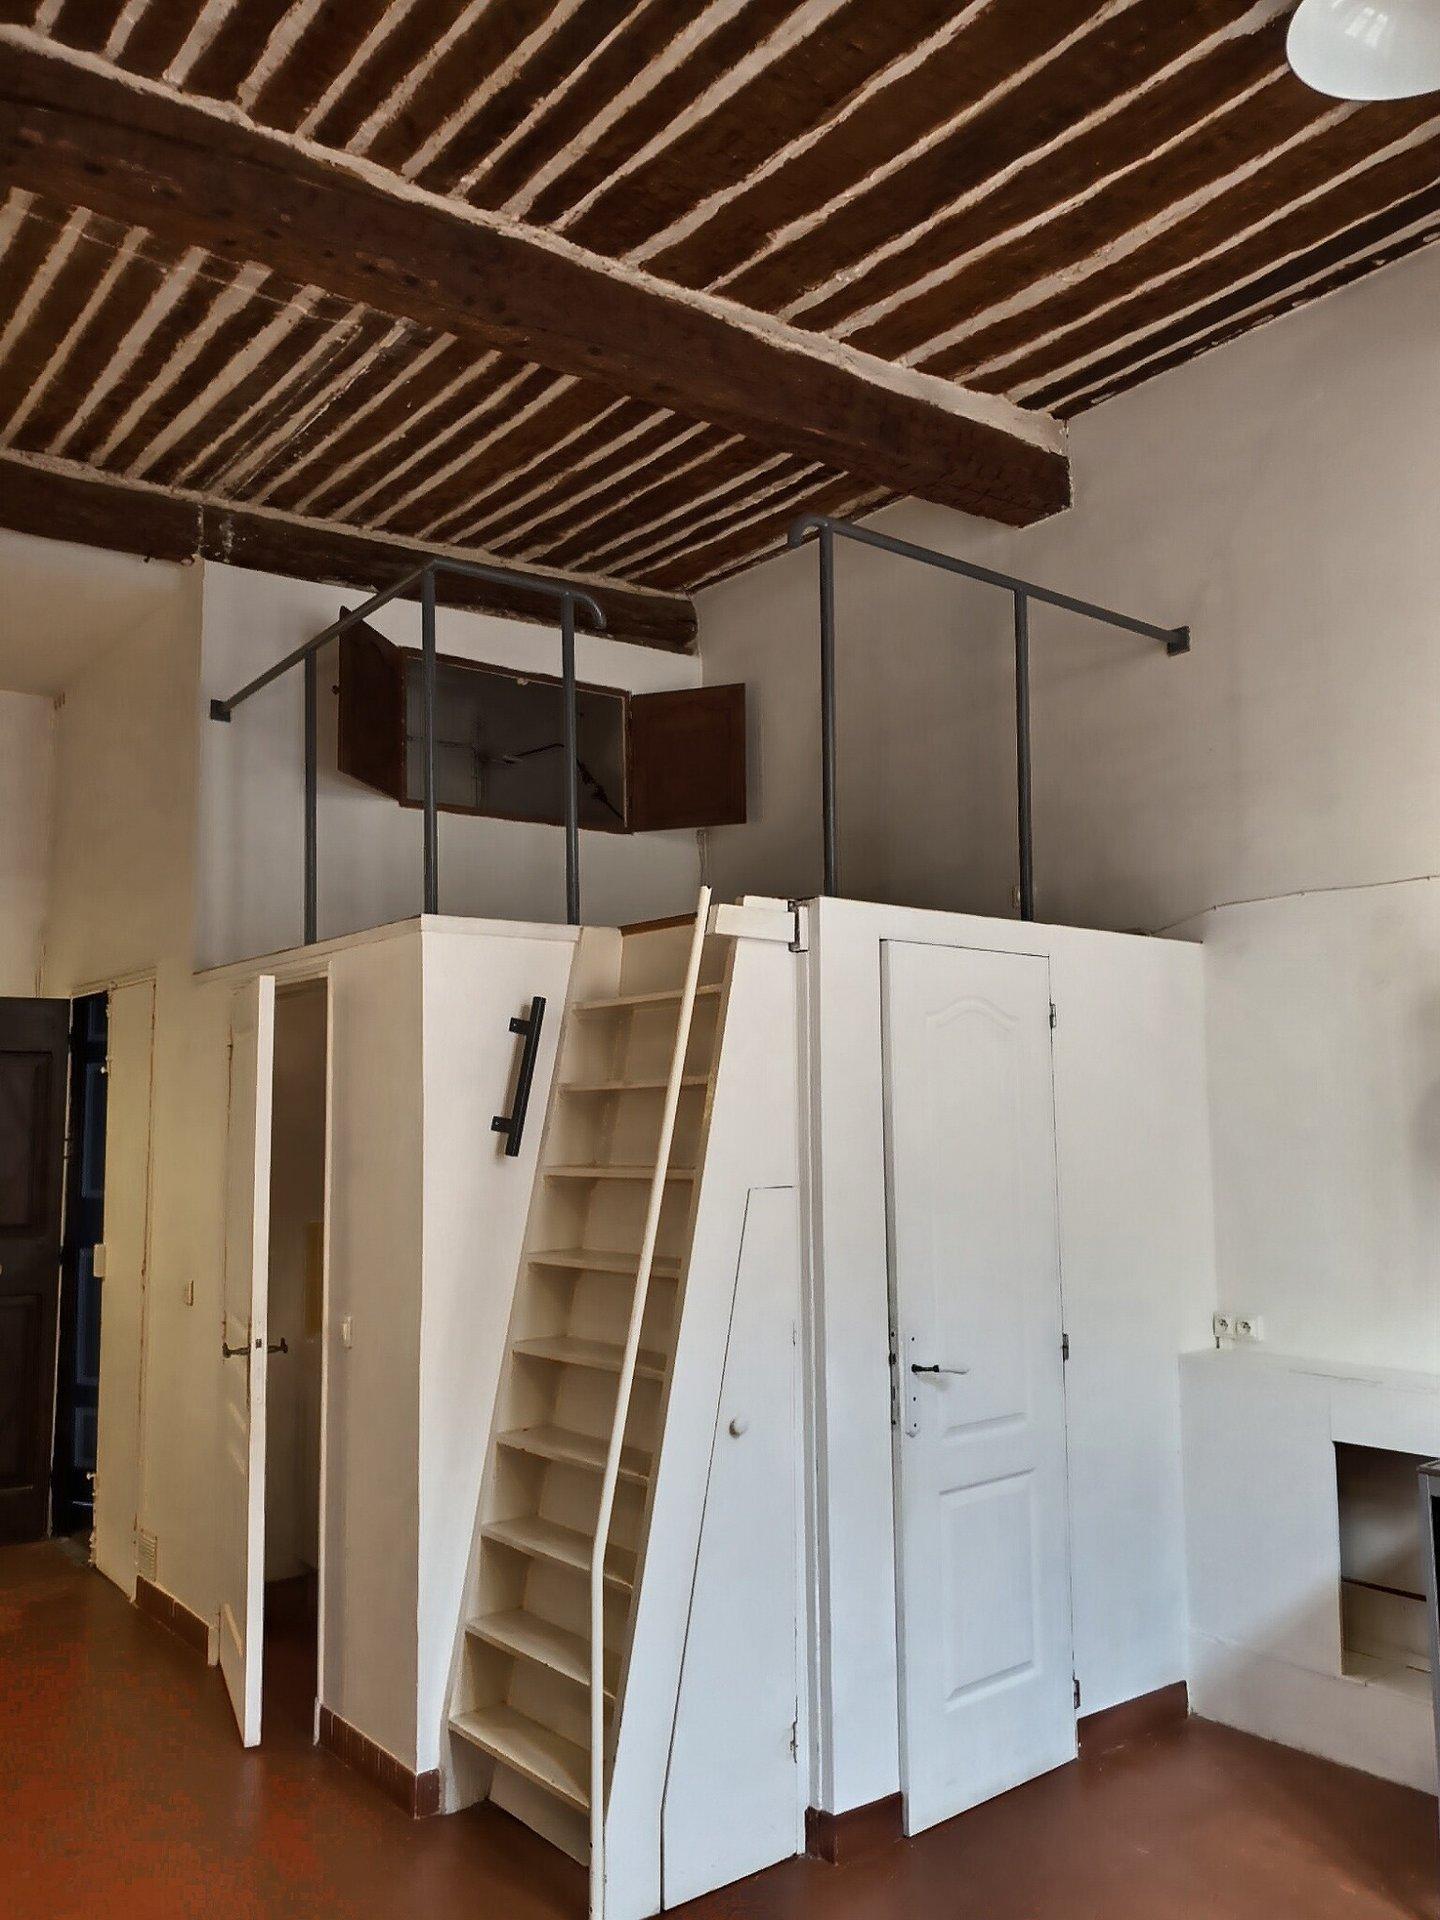 Centro storico di Antibes bilocale di 45mq